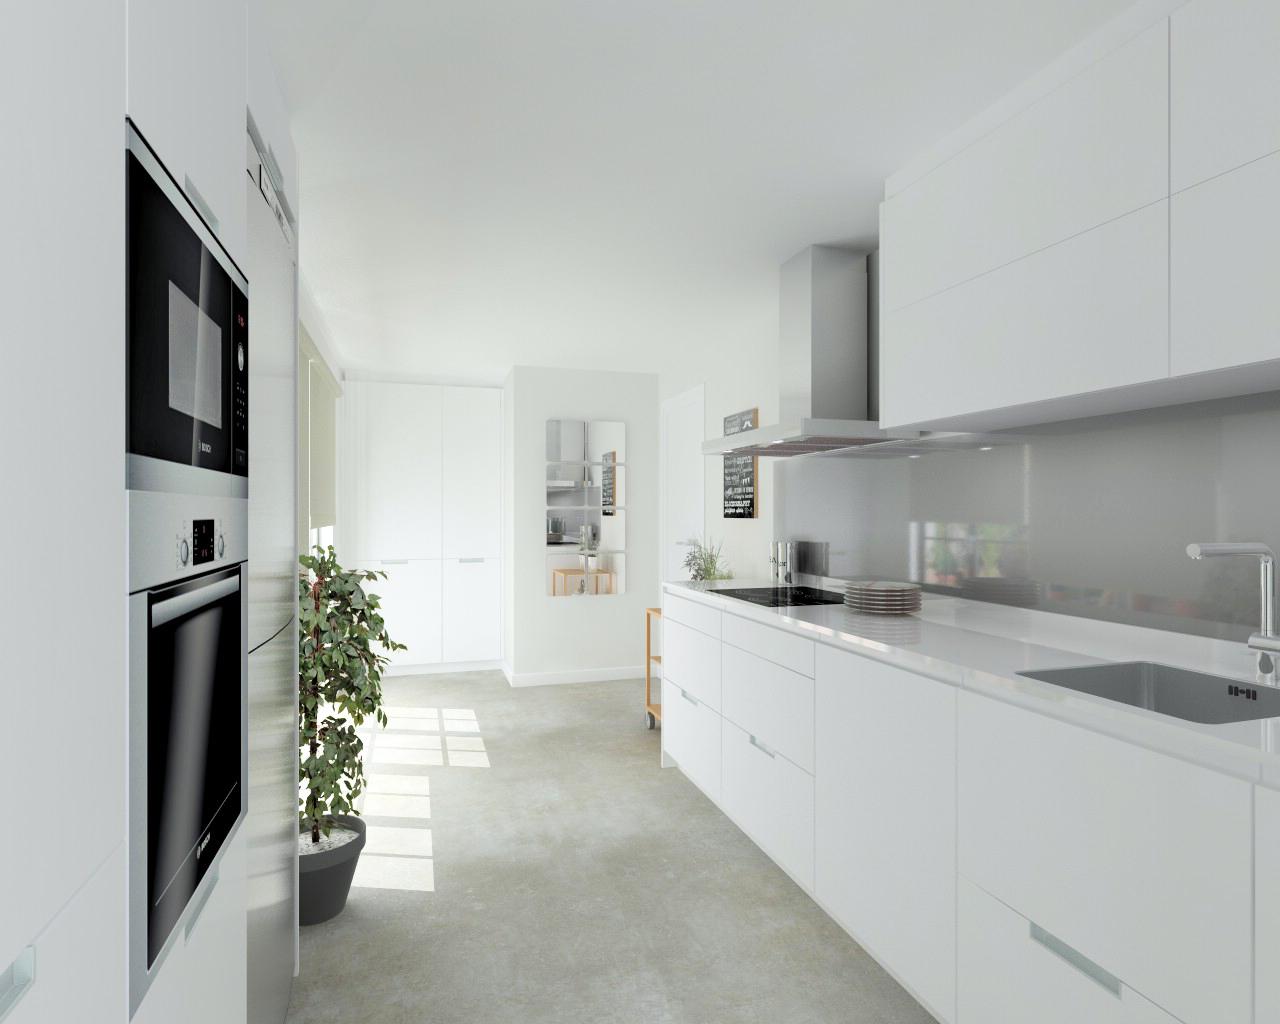 imagen1 - Estudio Cocinas DC